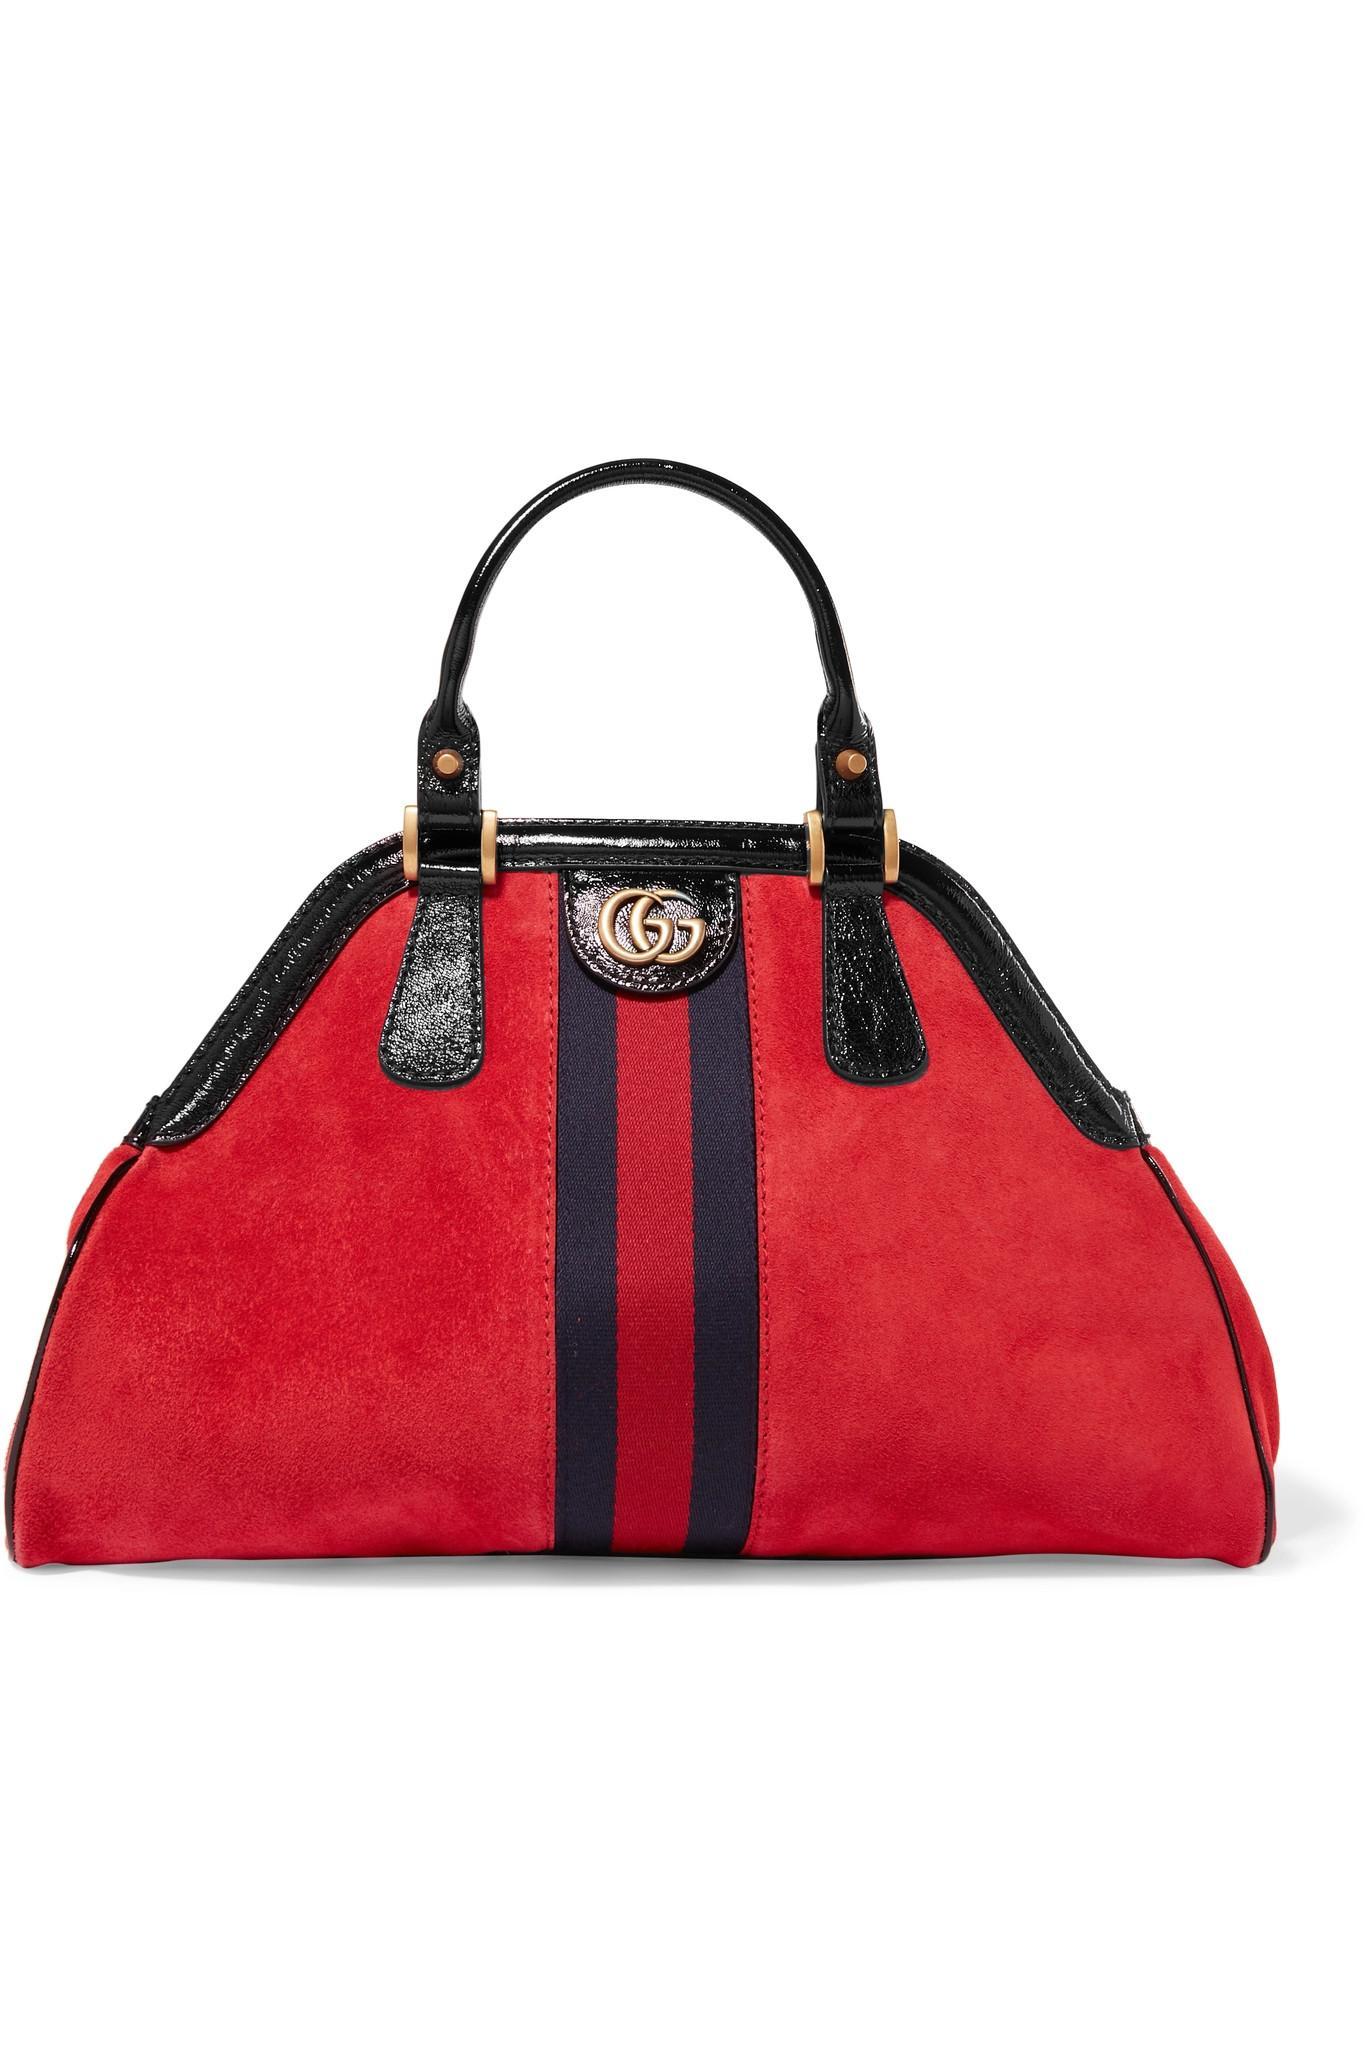 Gucci. Sac À Main En Daim Et En Cuir Verni Re(belle) Small femme de coloris  rouge d7481087bdf